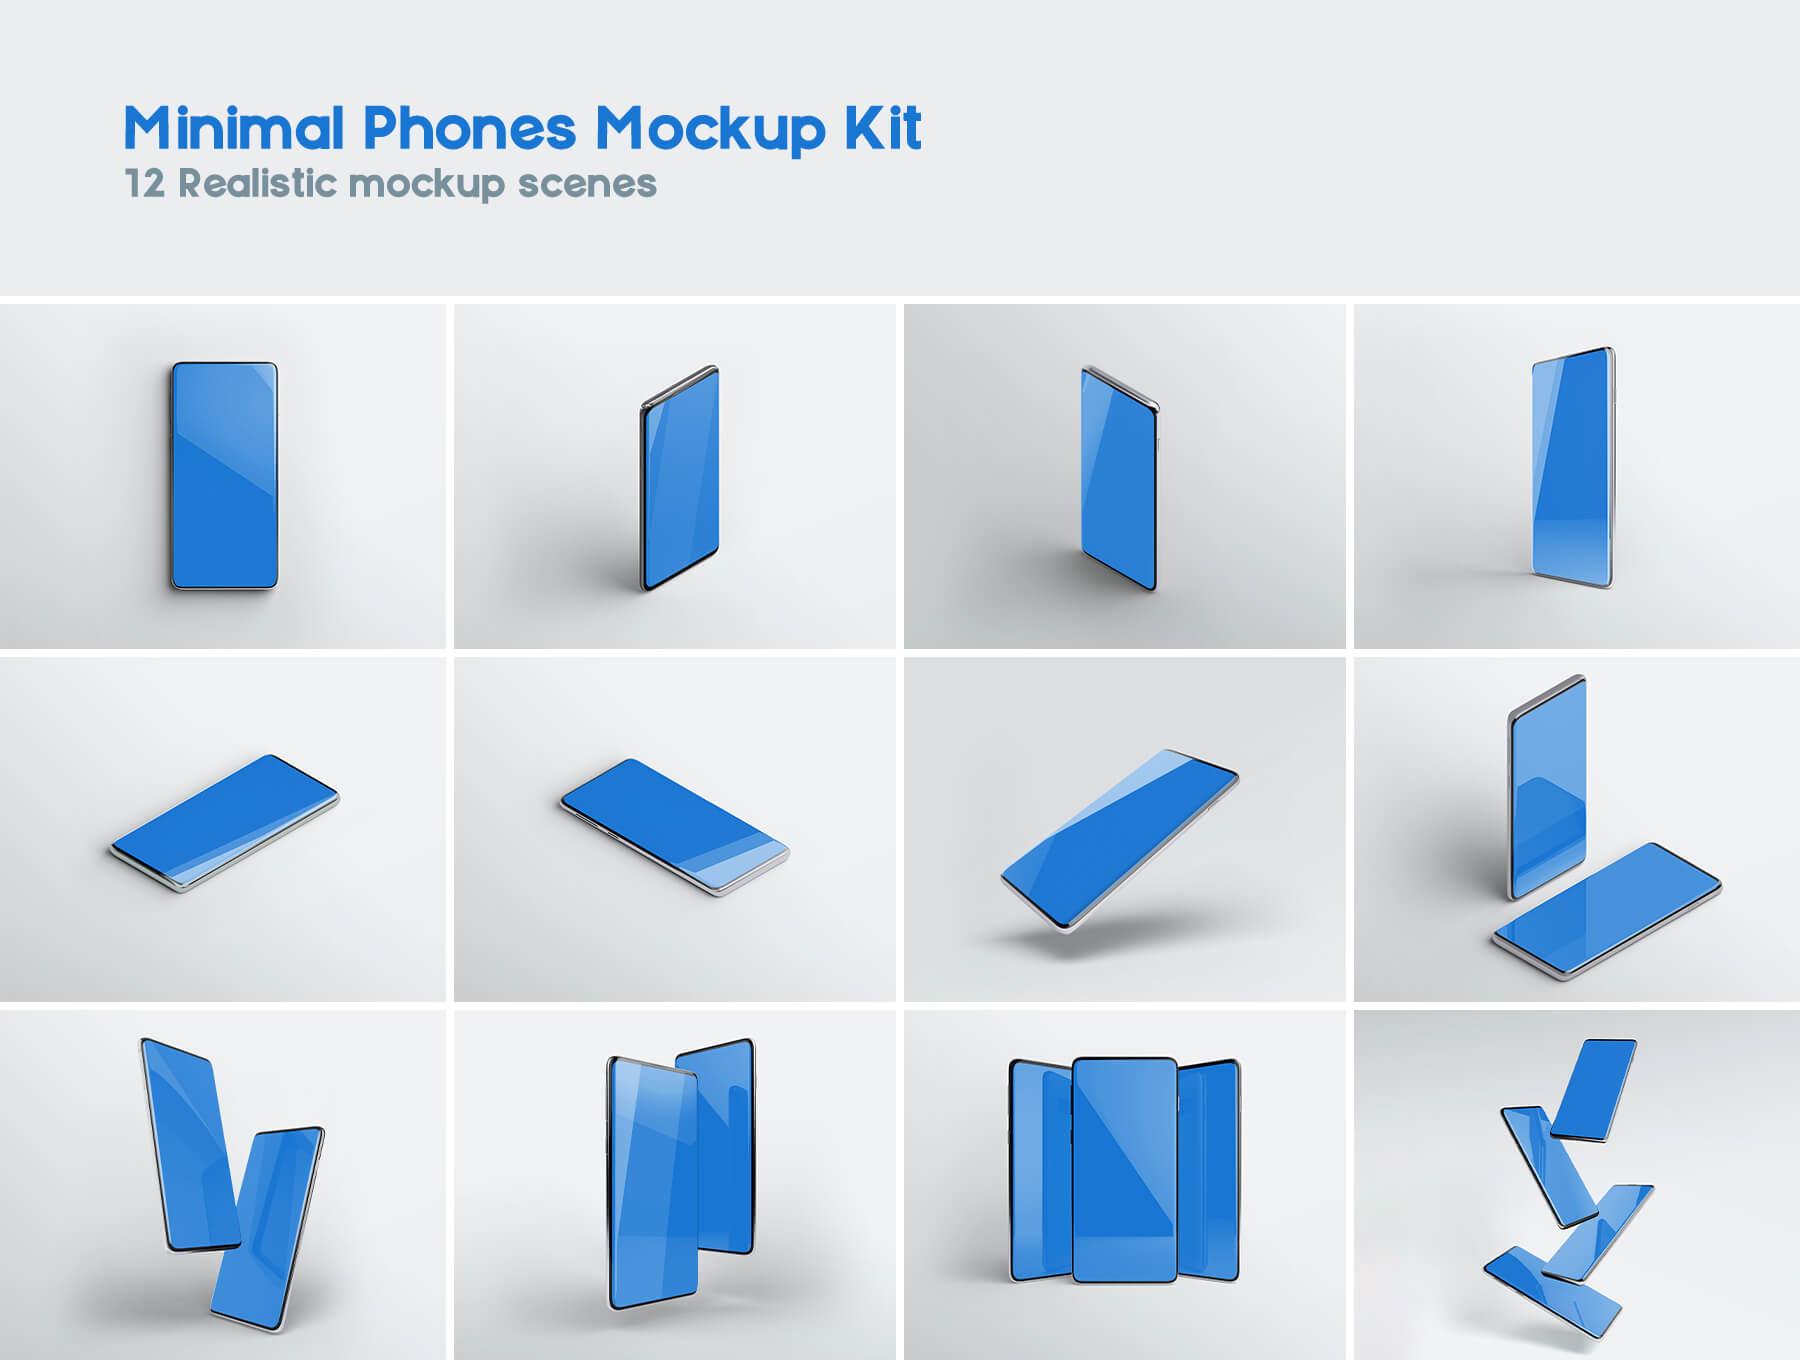 三星Galaxy S10最小电话样机套件模版素材Minimal Phones Mockup Kit插图(6)